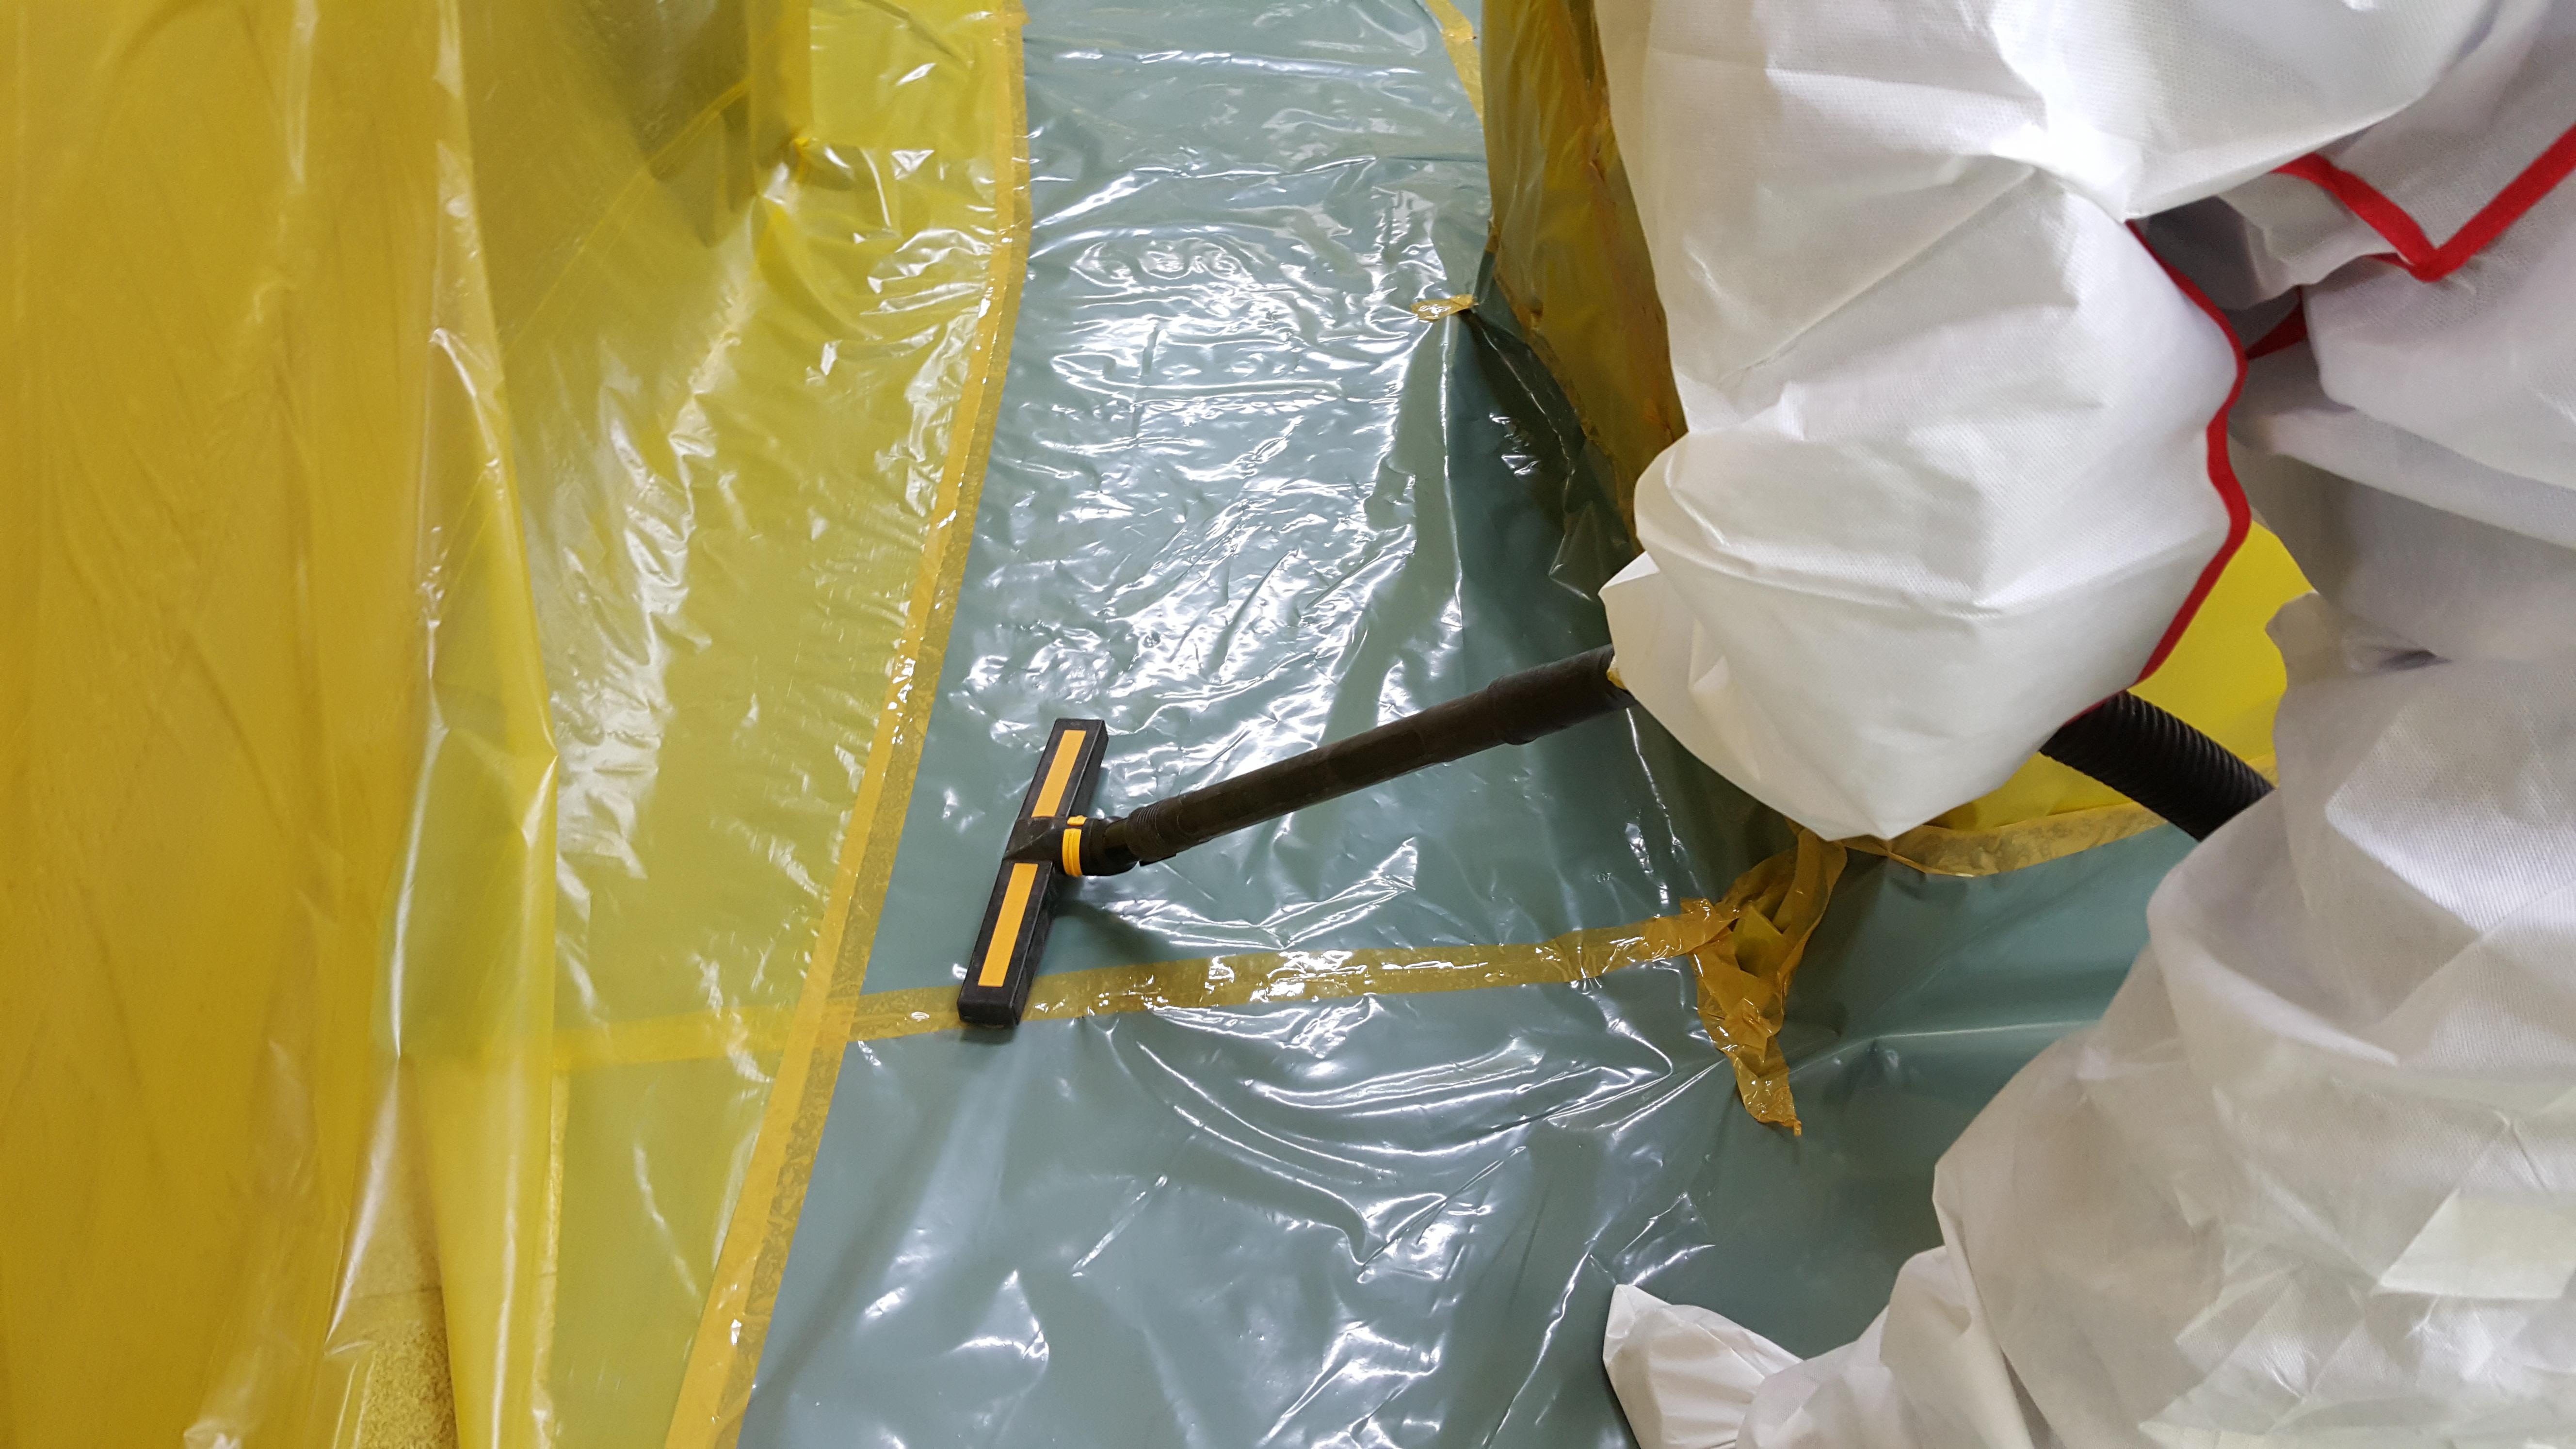 16 번째 사진  에  연면적94.68 ㎡ 부산시 영도구 해양로 공장사무실 2차 천장텍스 석면해체 제거